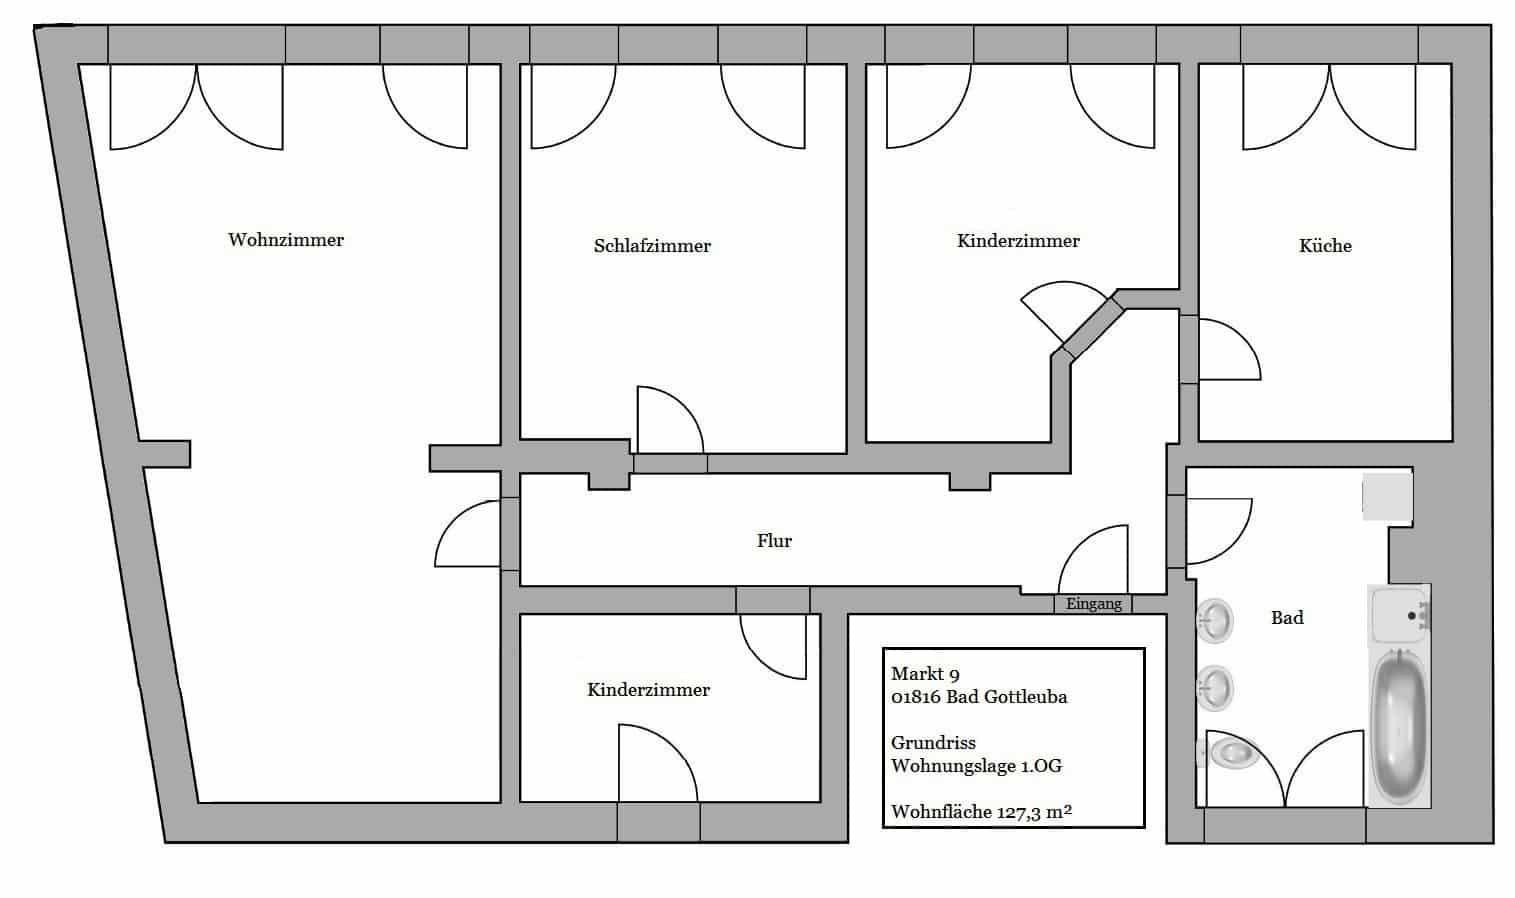 Lichtduchflutete 4-Raum Mietwohnung in Bad Gottleuba › maik-borchers.de